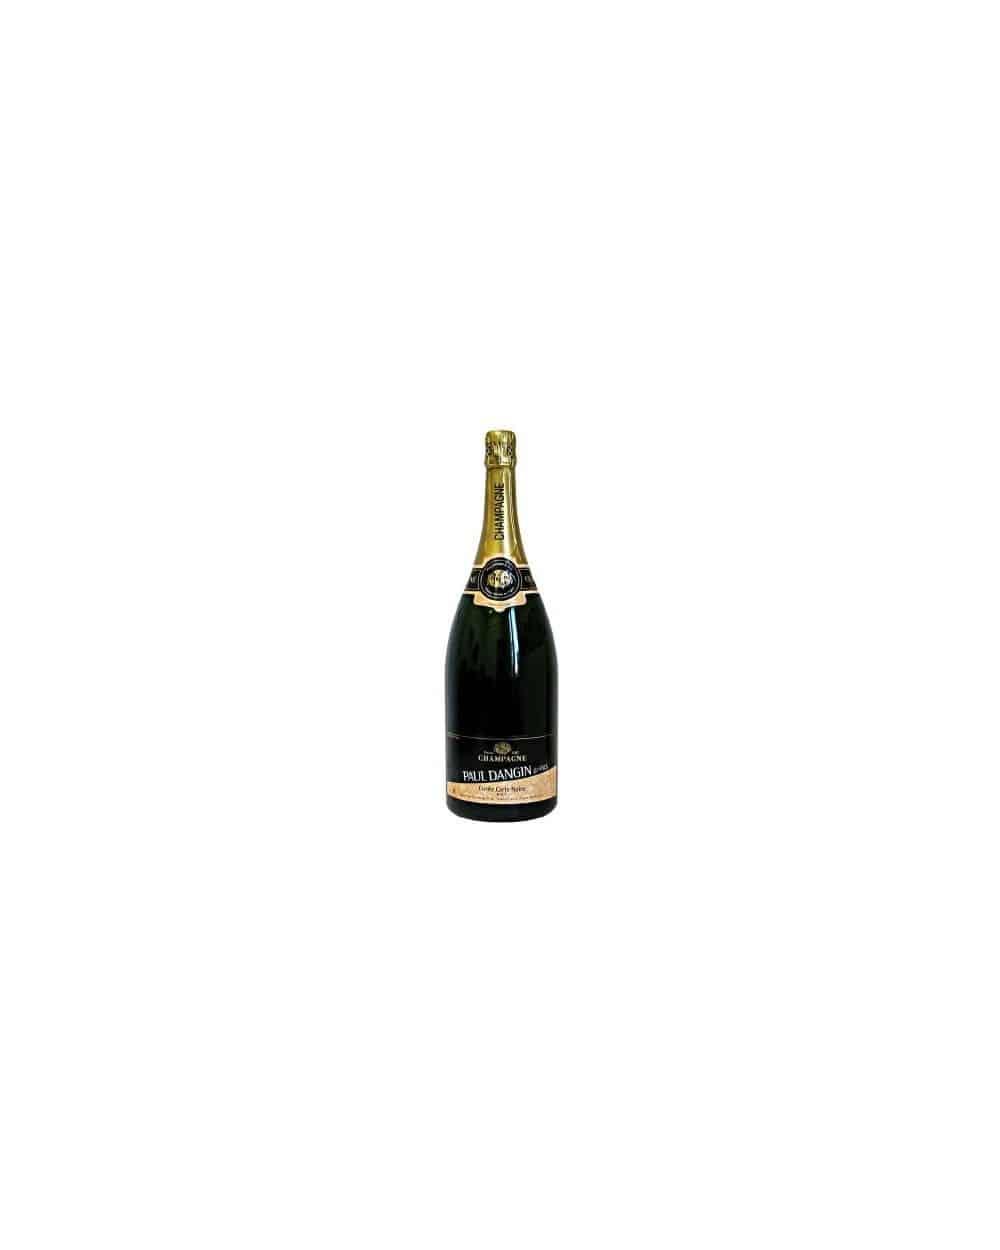 champagne g.debargue et fils